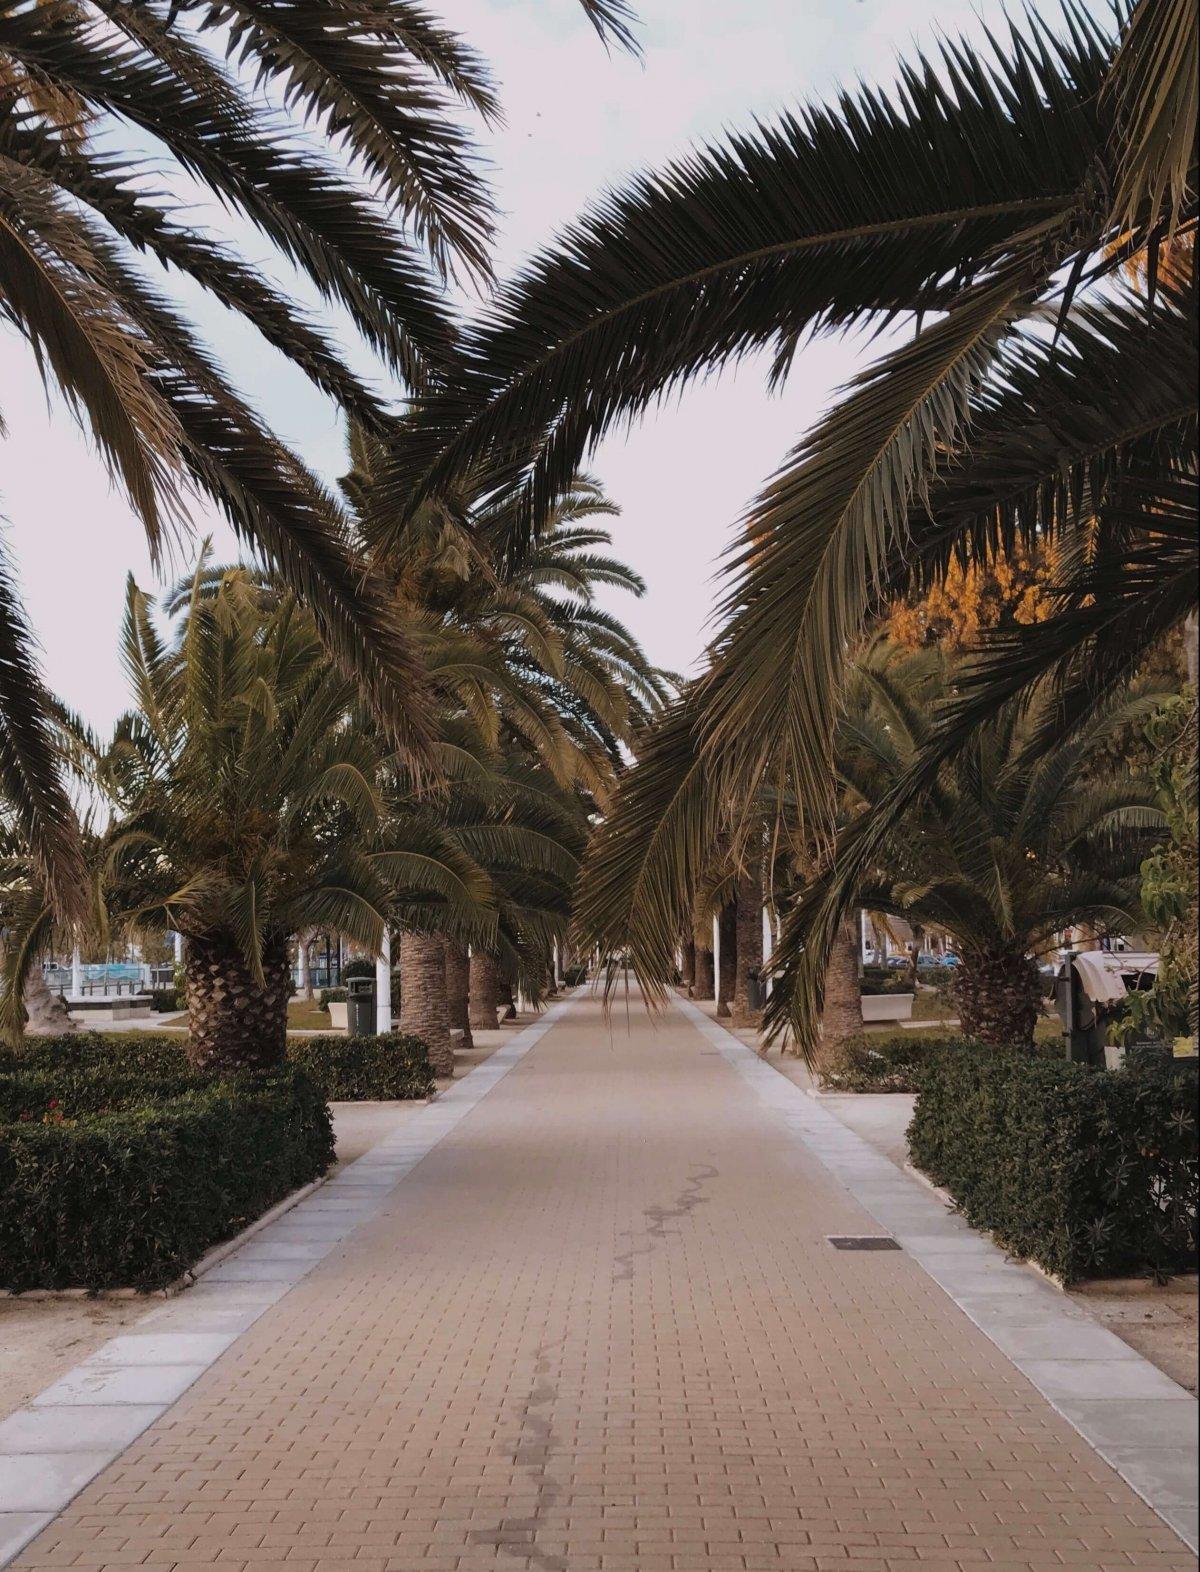 Thursday Talk – Nooit eerder verteld: 3 dingen die ik nou écht zo fijn vind aan het wonen in Valencia